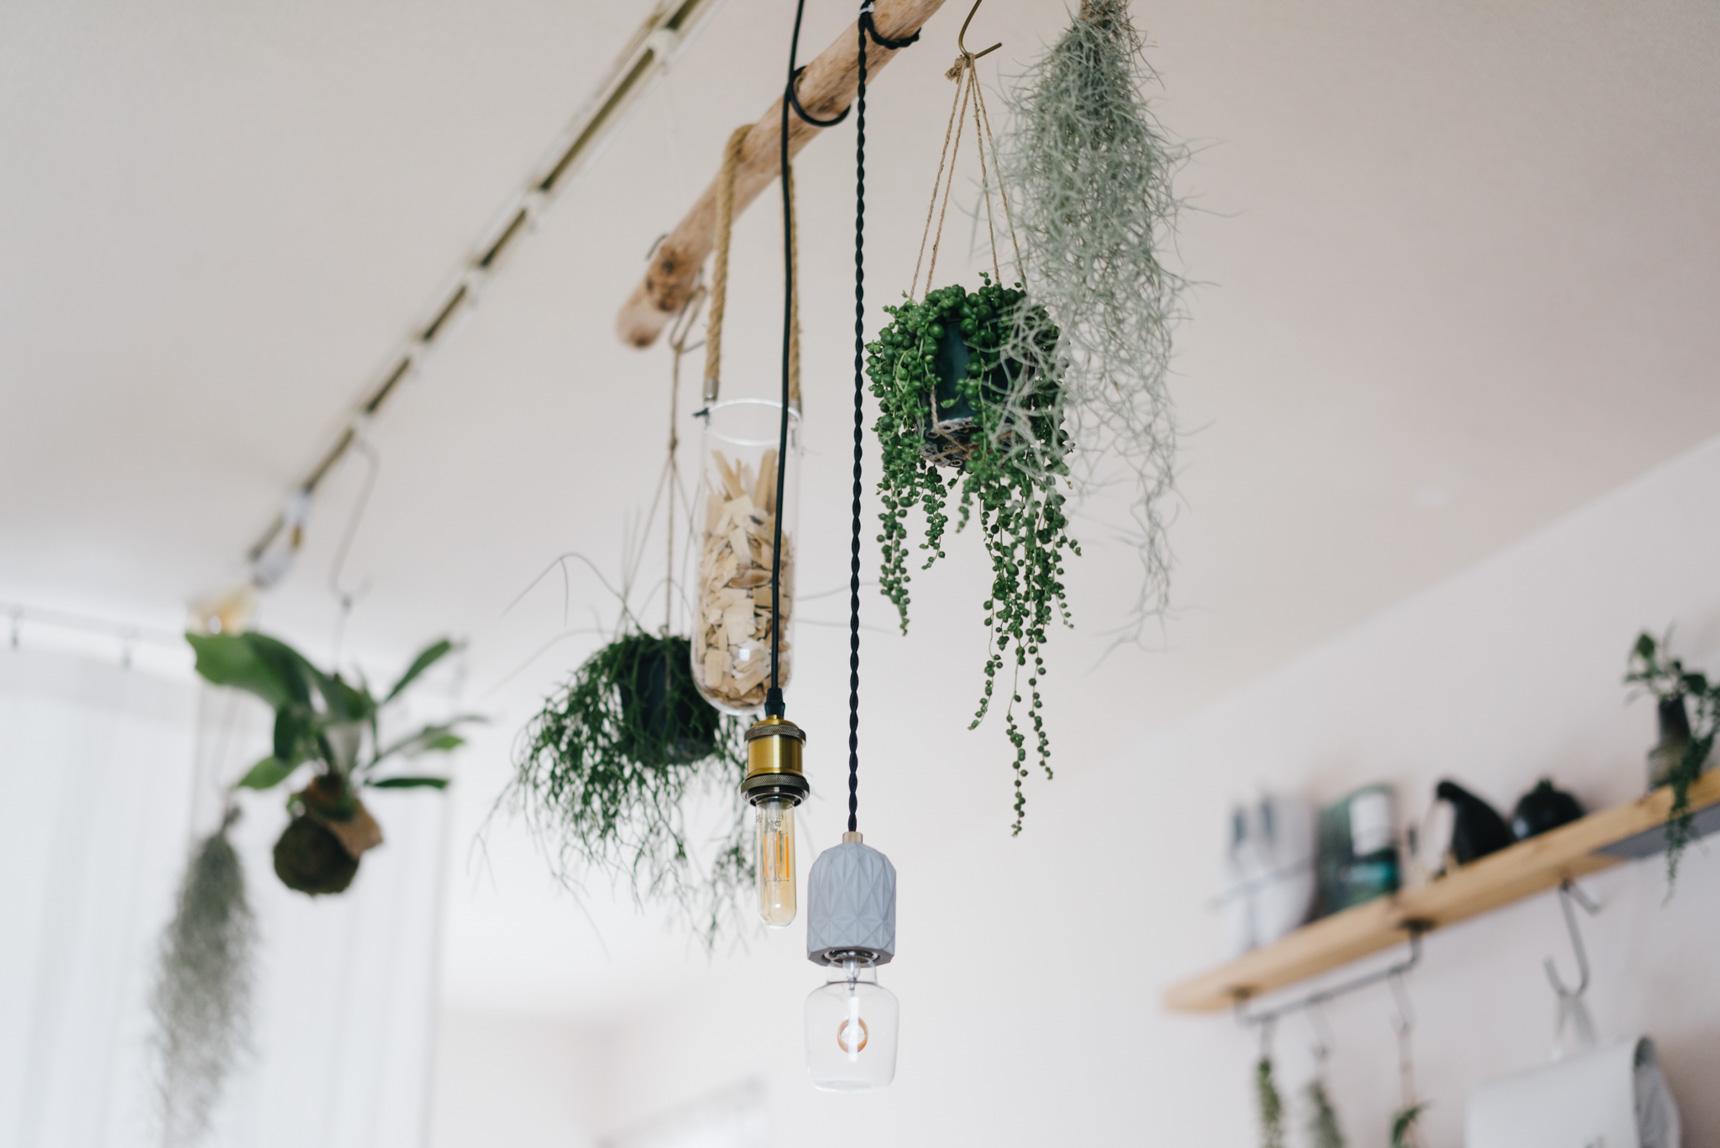 ライティングレールは雰囲気のある照明を好きにつけられるだけでなく、こんな風にフックを使って植物を引っ掛けたり、あると便利な設備です(このお部屋はこちら)